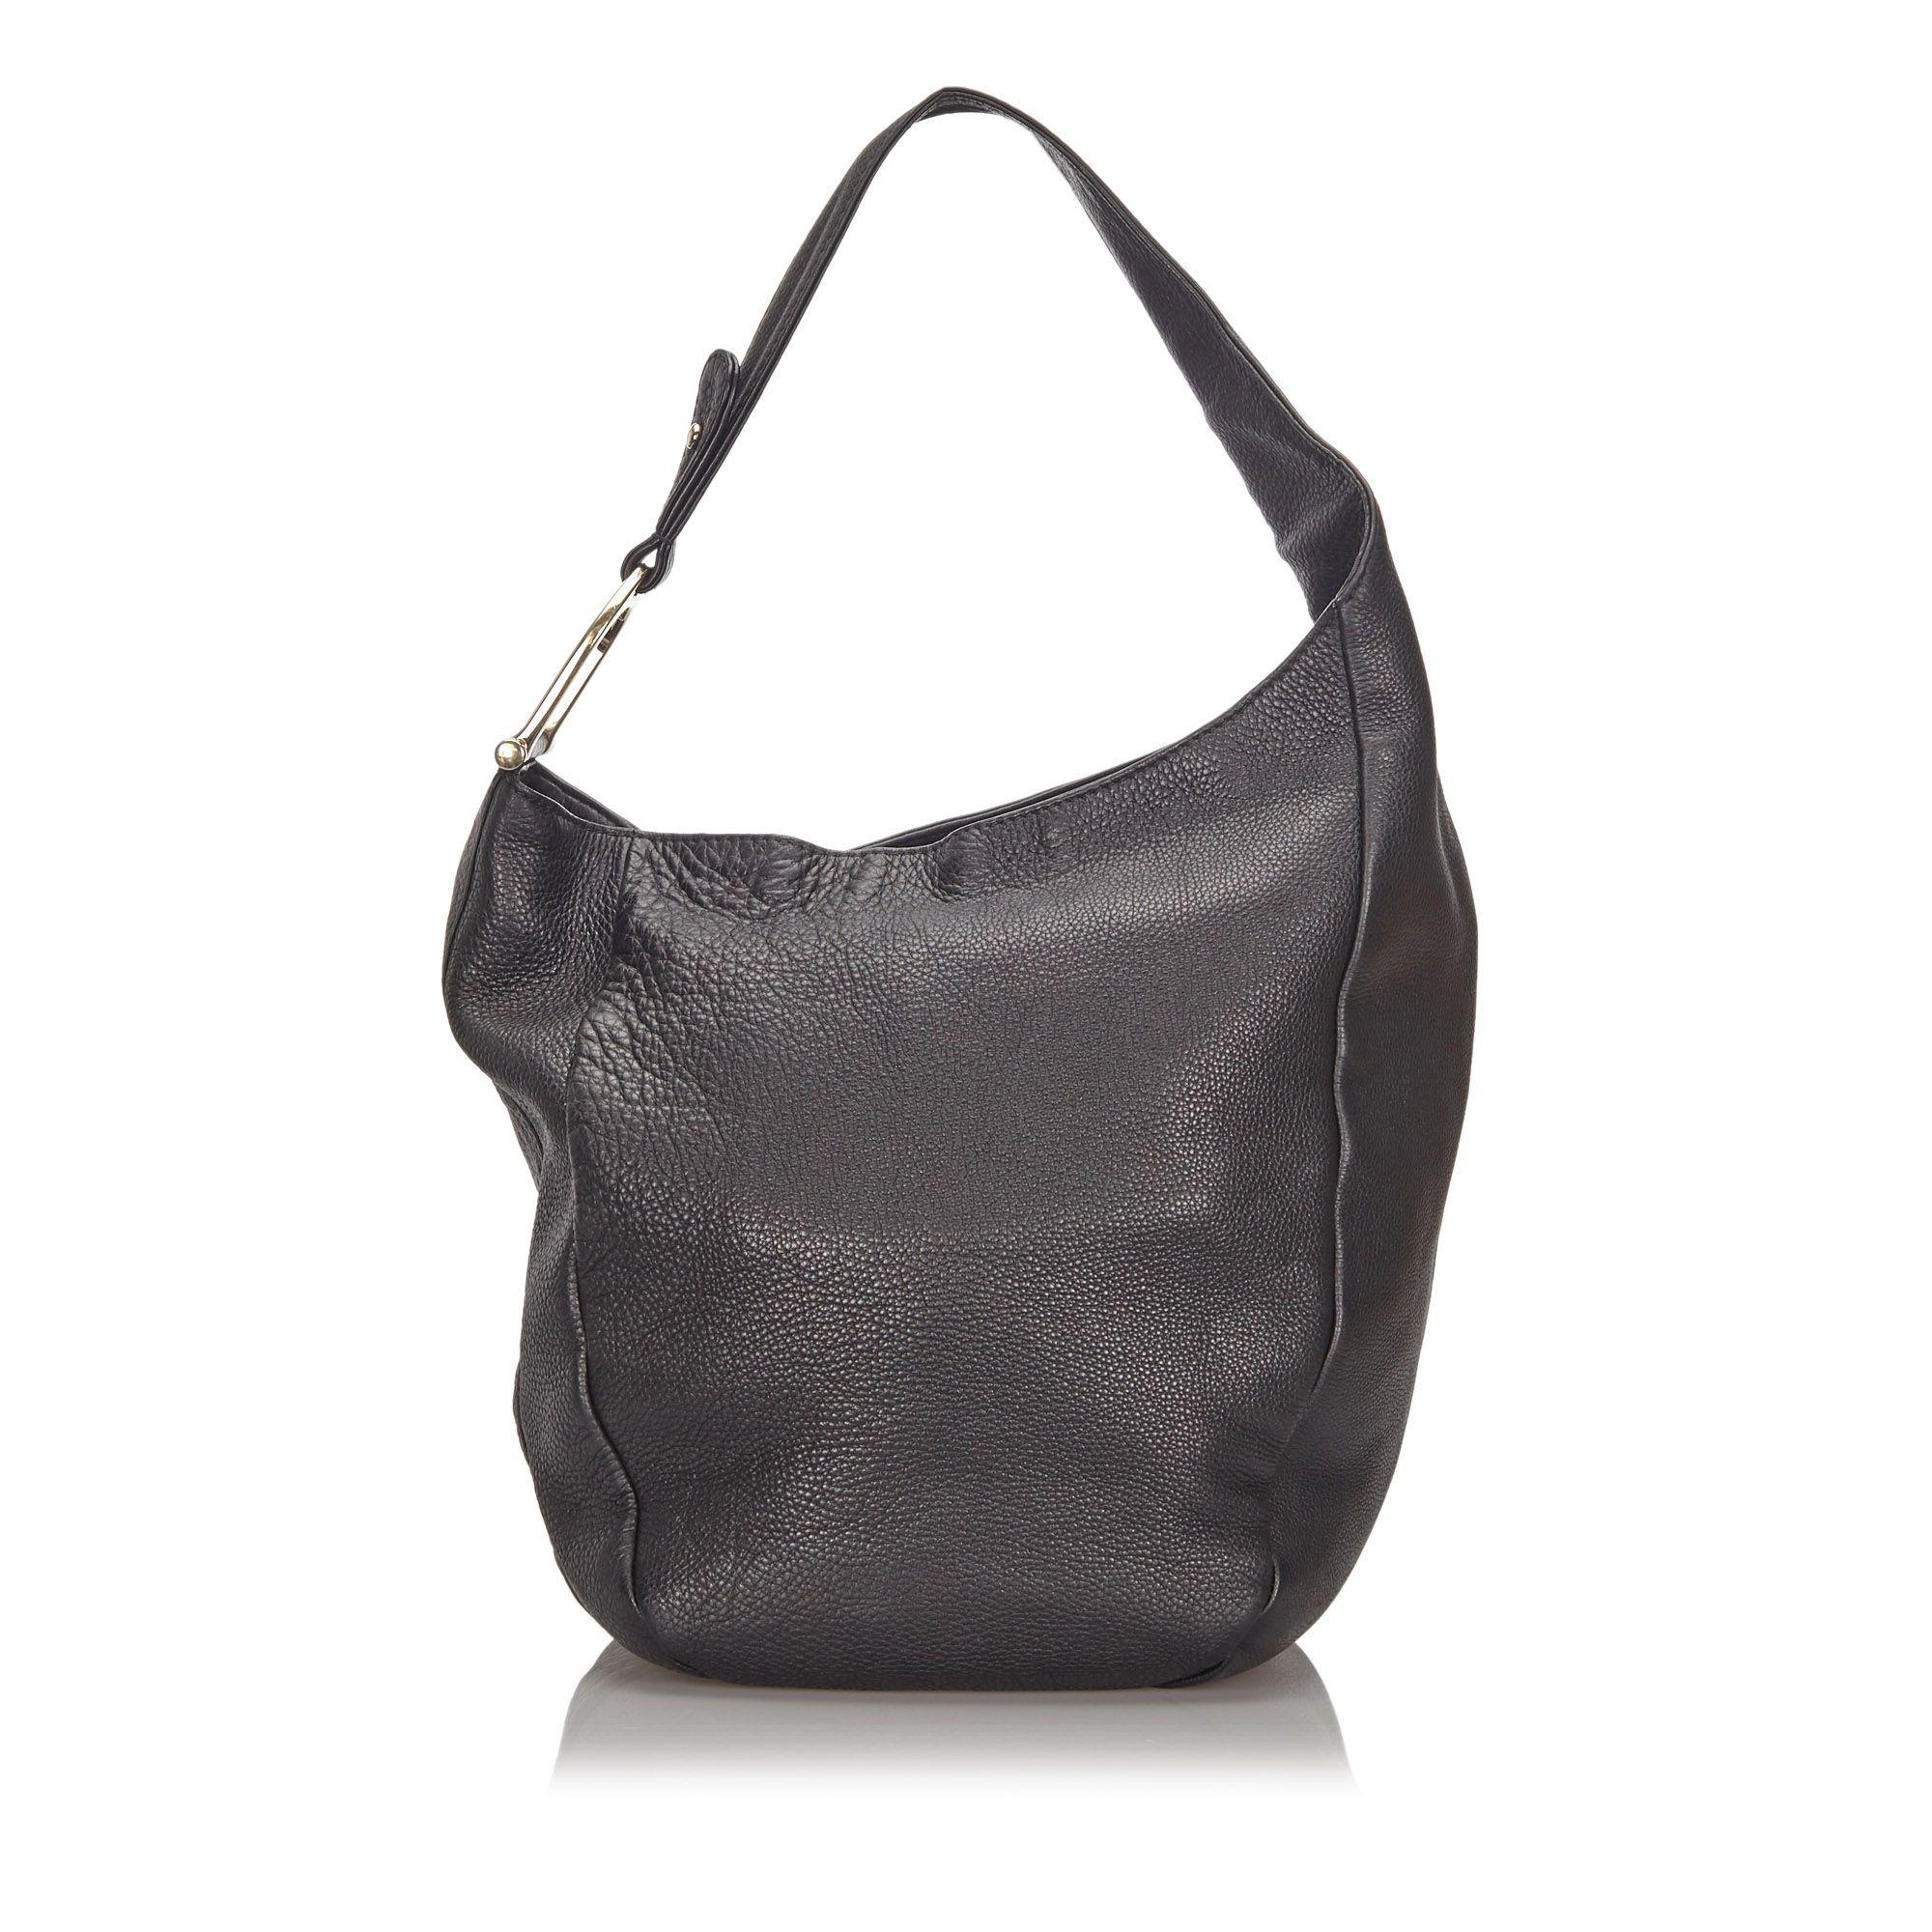 Vintage Gucci Leather Greenwich Shoulder Bag Black